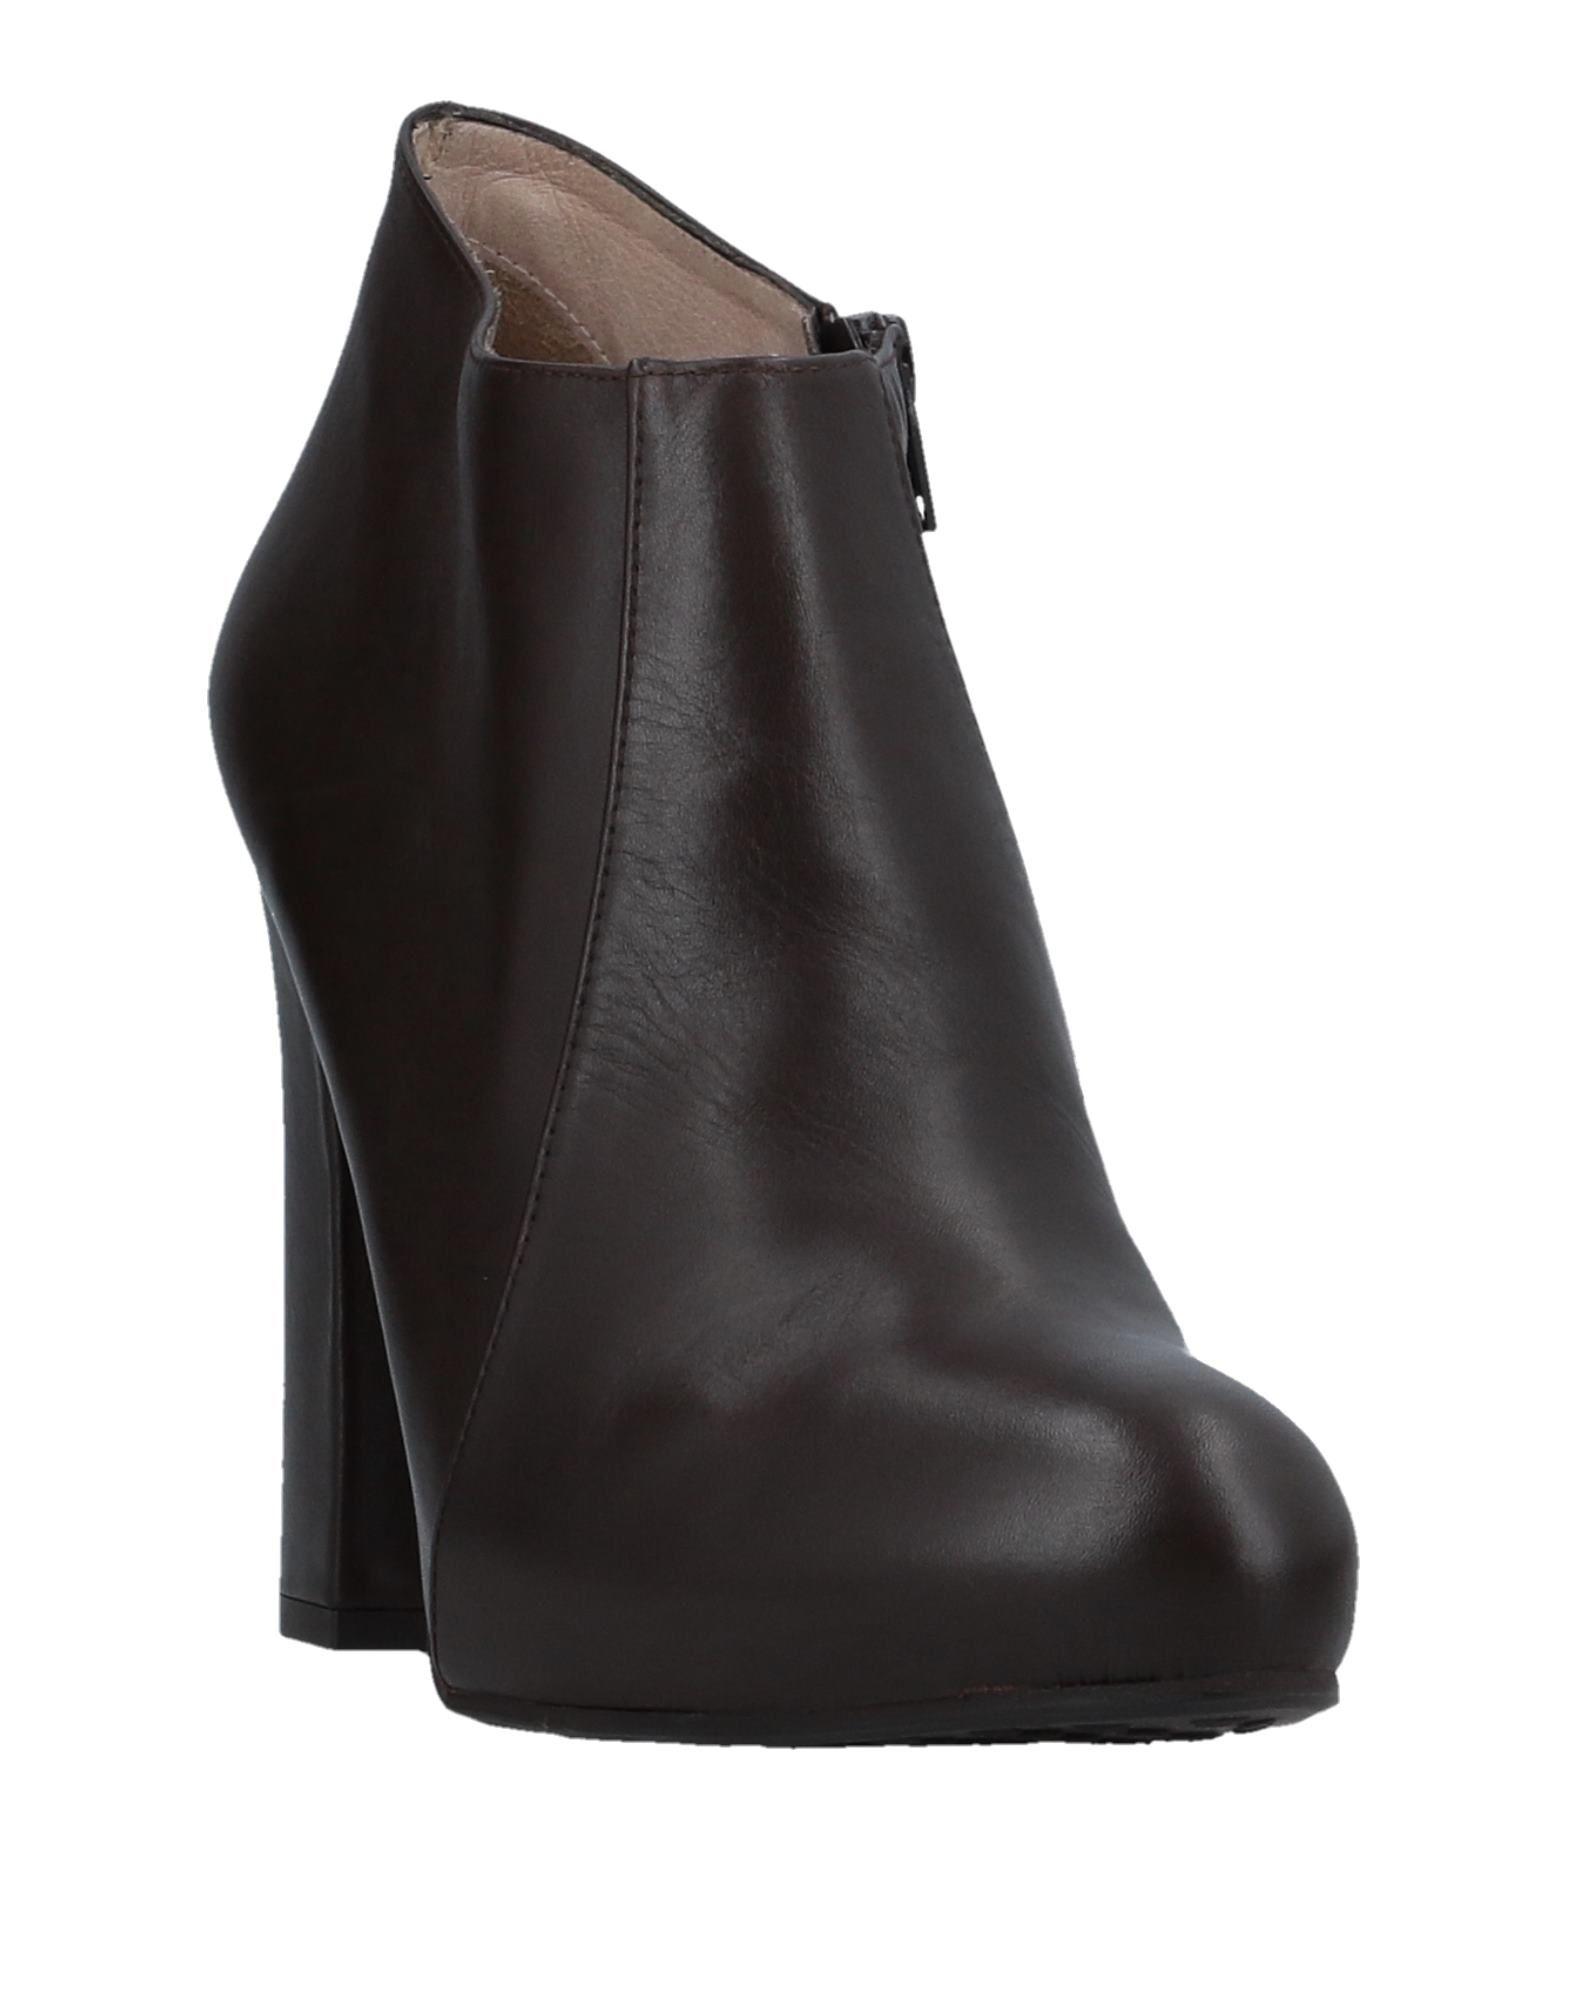 Unisa Stiefelette Damen  11511978QH Gute Schuhe Qualität beliebte Schuhe Gute b4a190